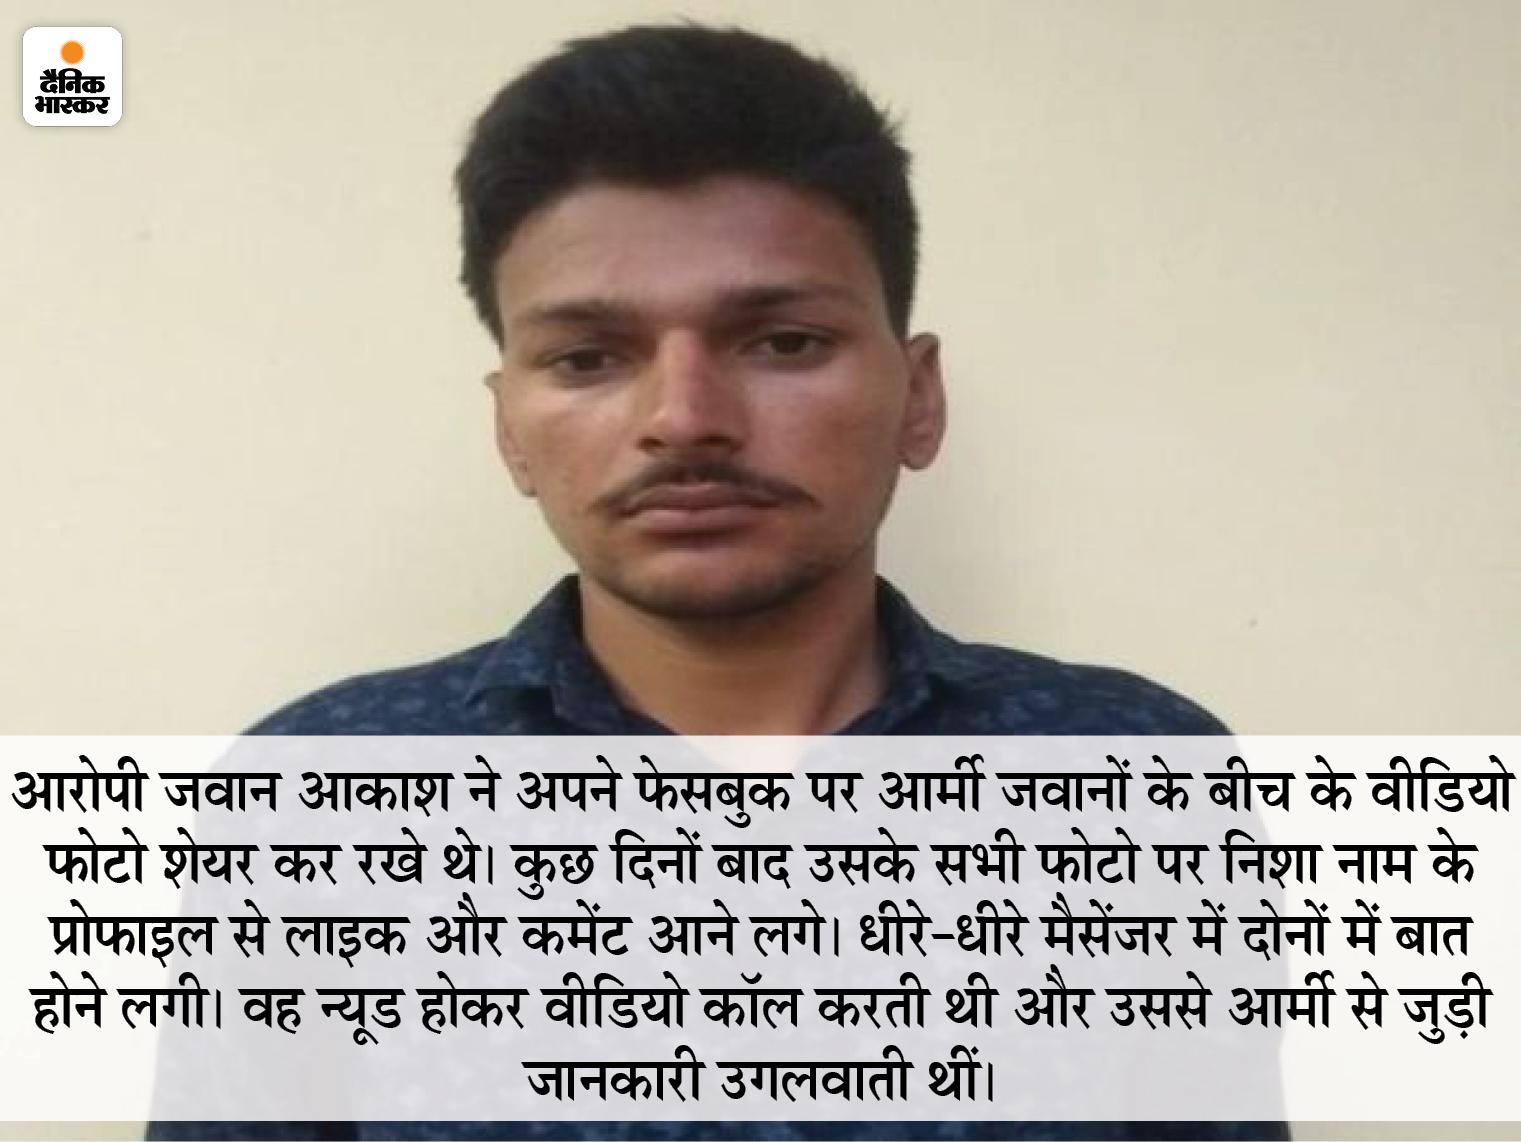 फेसबुक में कर रखा था जाट रेंजिमेंट का जिक्र, 3 पाकिस्तानी एजेंट्स करती थीं बात; एक खुद को भारतीय आर्मी अफसर की बेटी बताती थी|सीकर,Sikar - Dainik Bhaskar